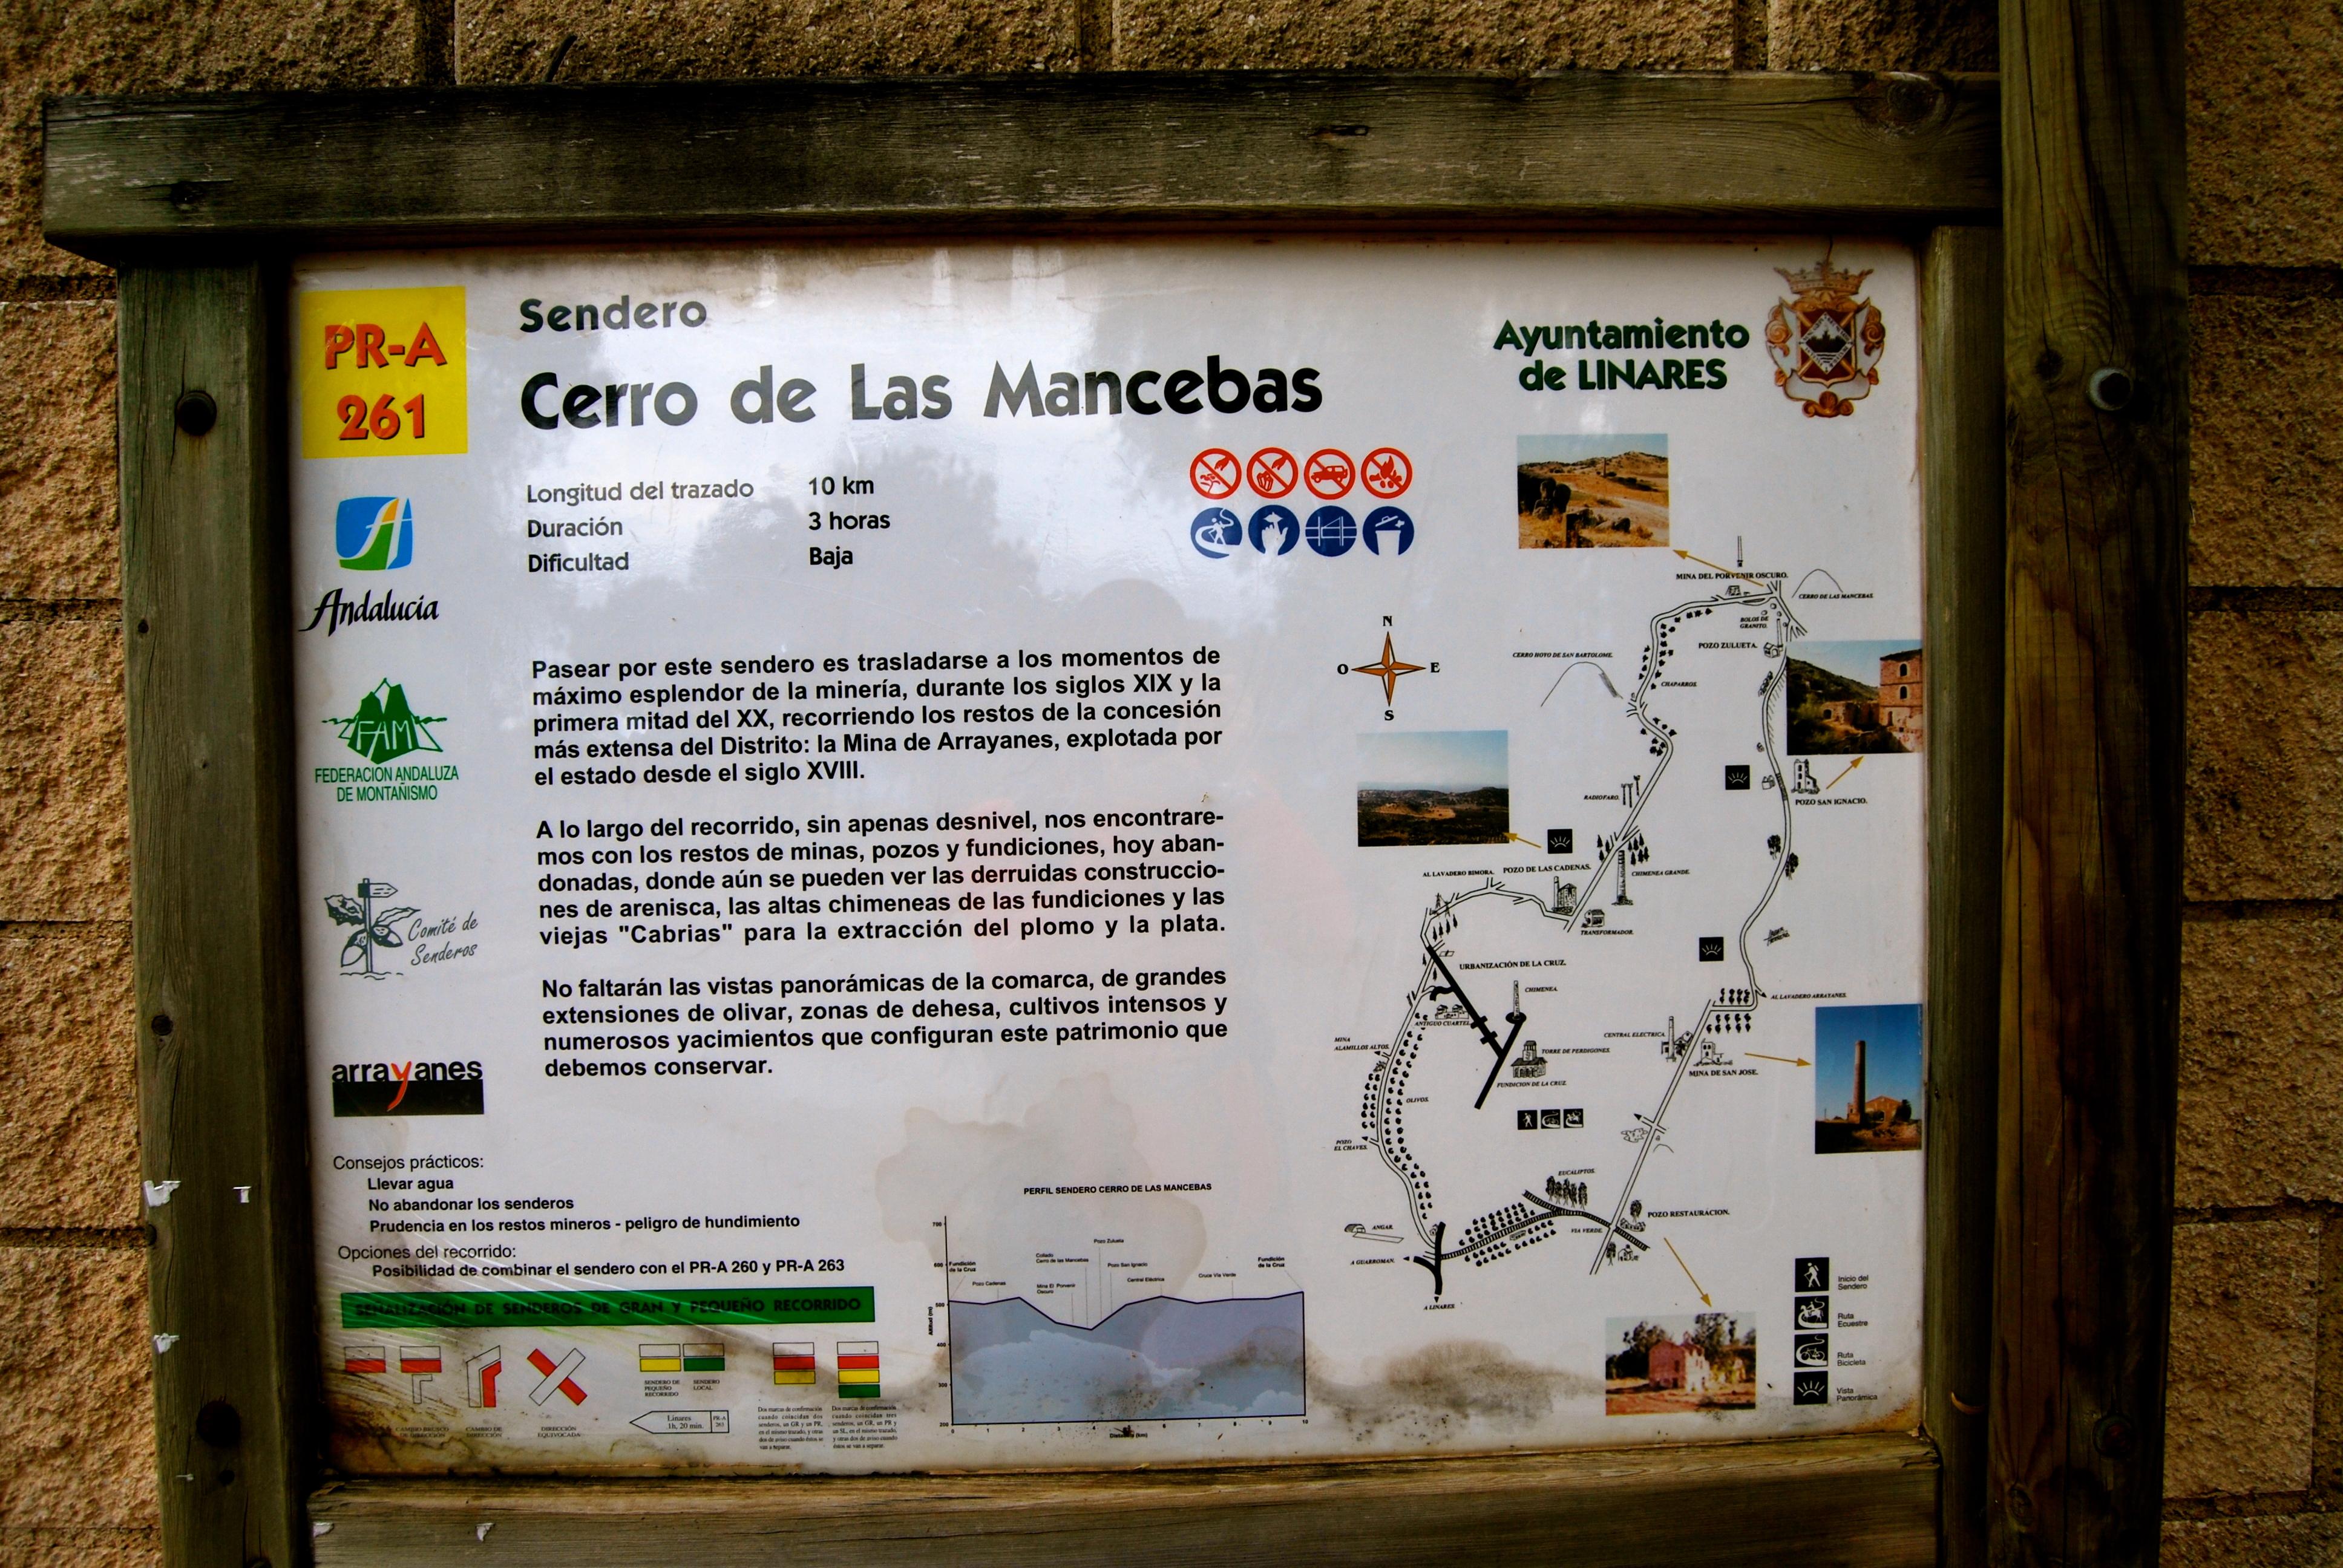 Sendero del Cerro de Las Mancebas. Rutas Mineras de Linares – PR-A 261